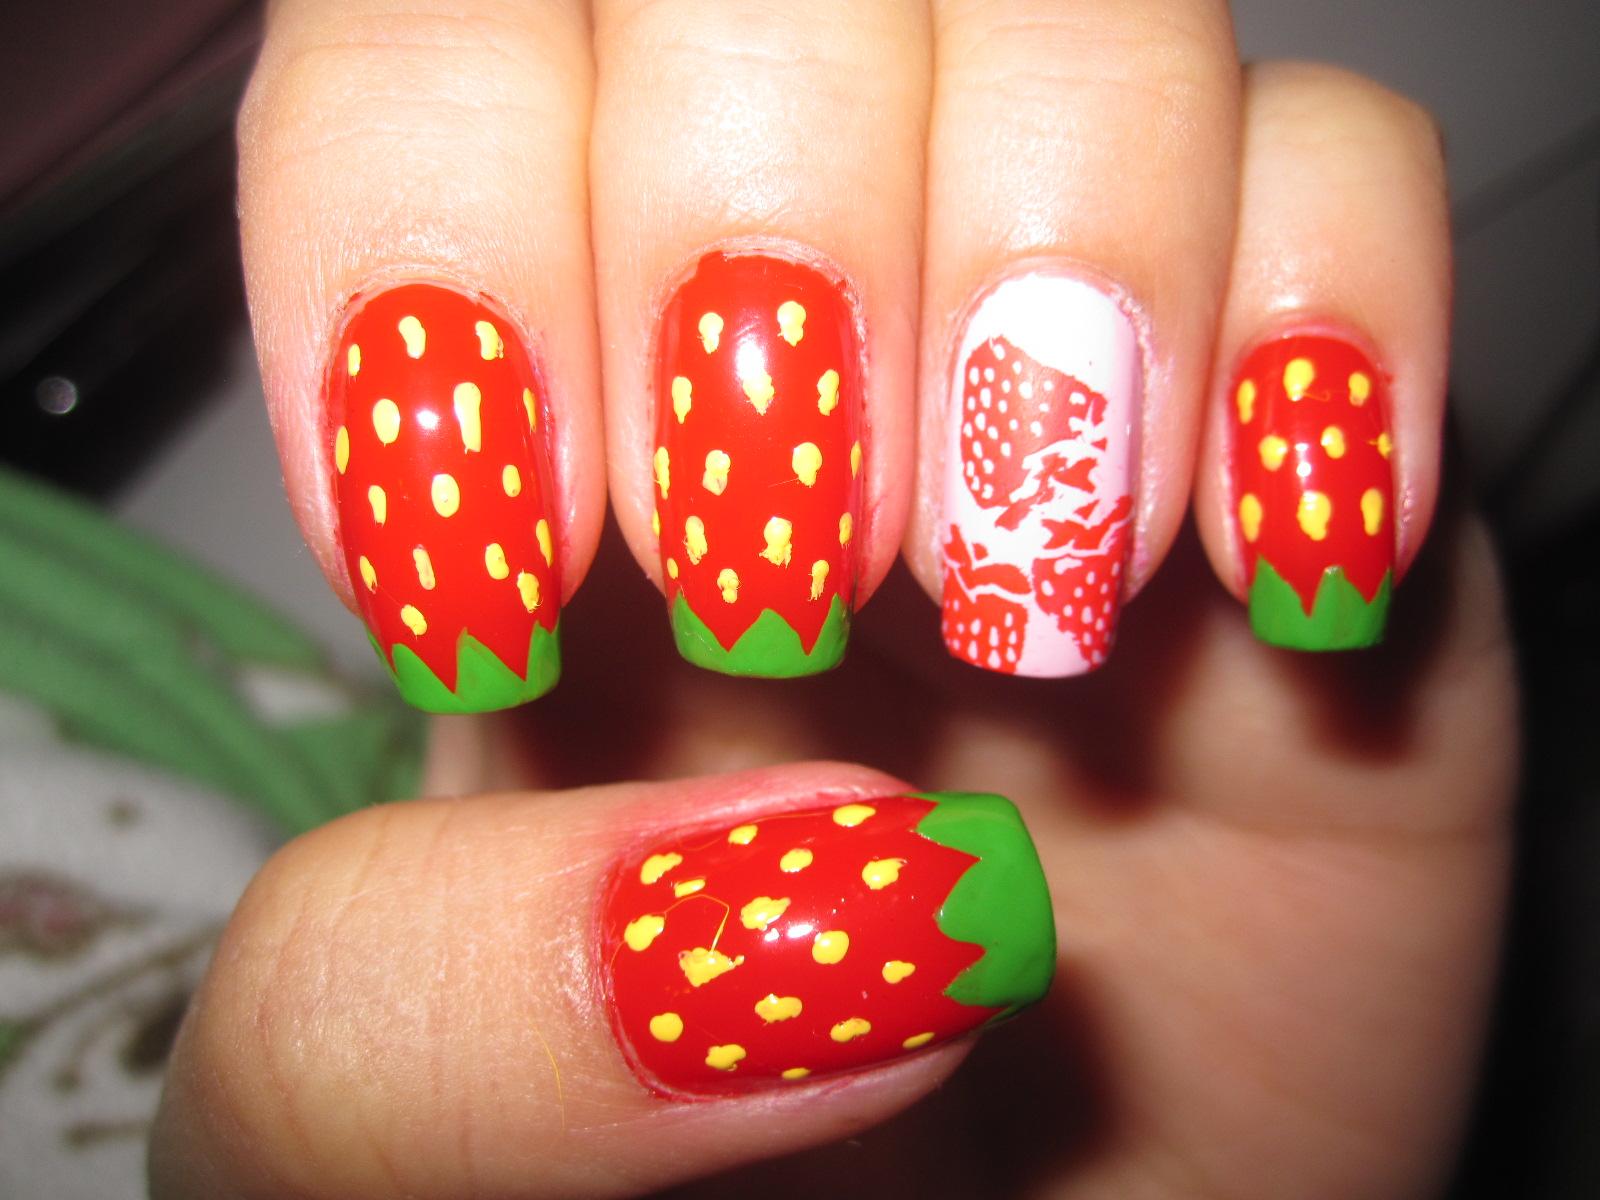 imagenes-de-uñas-decoradas-de-fresa-11.jpg